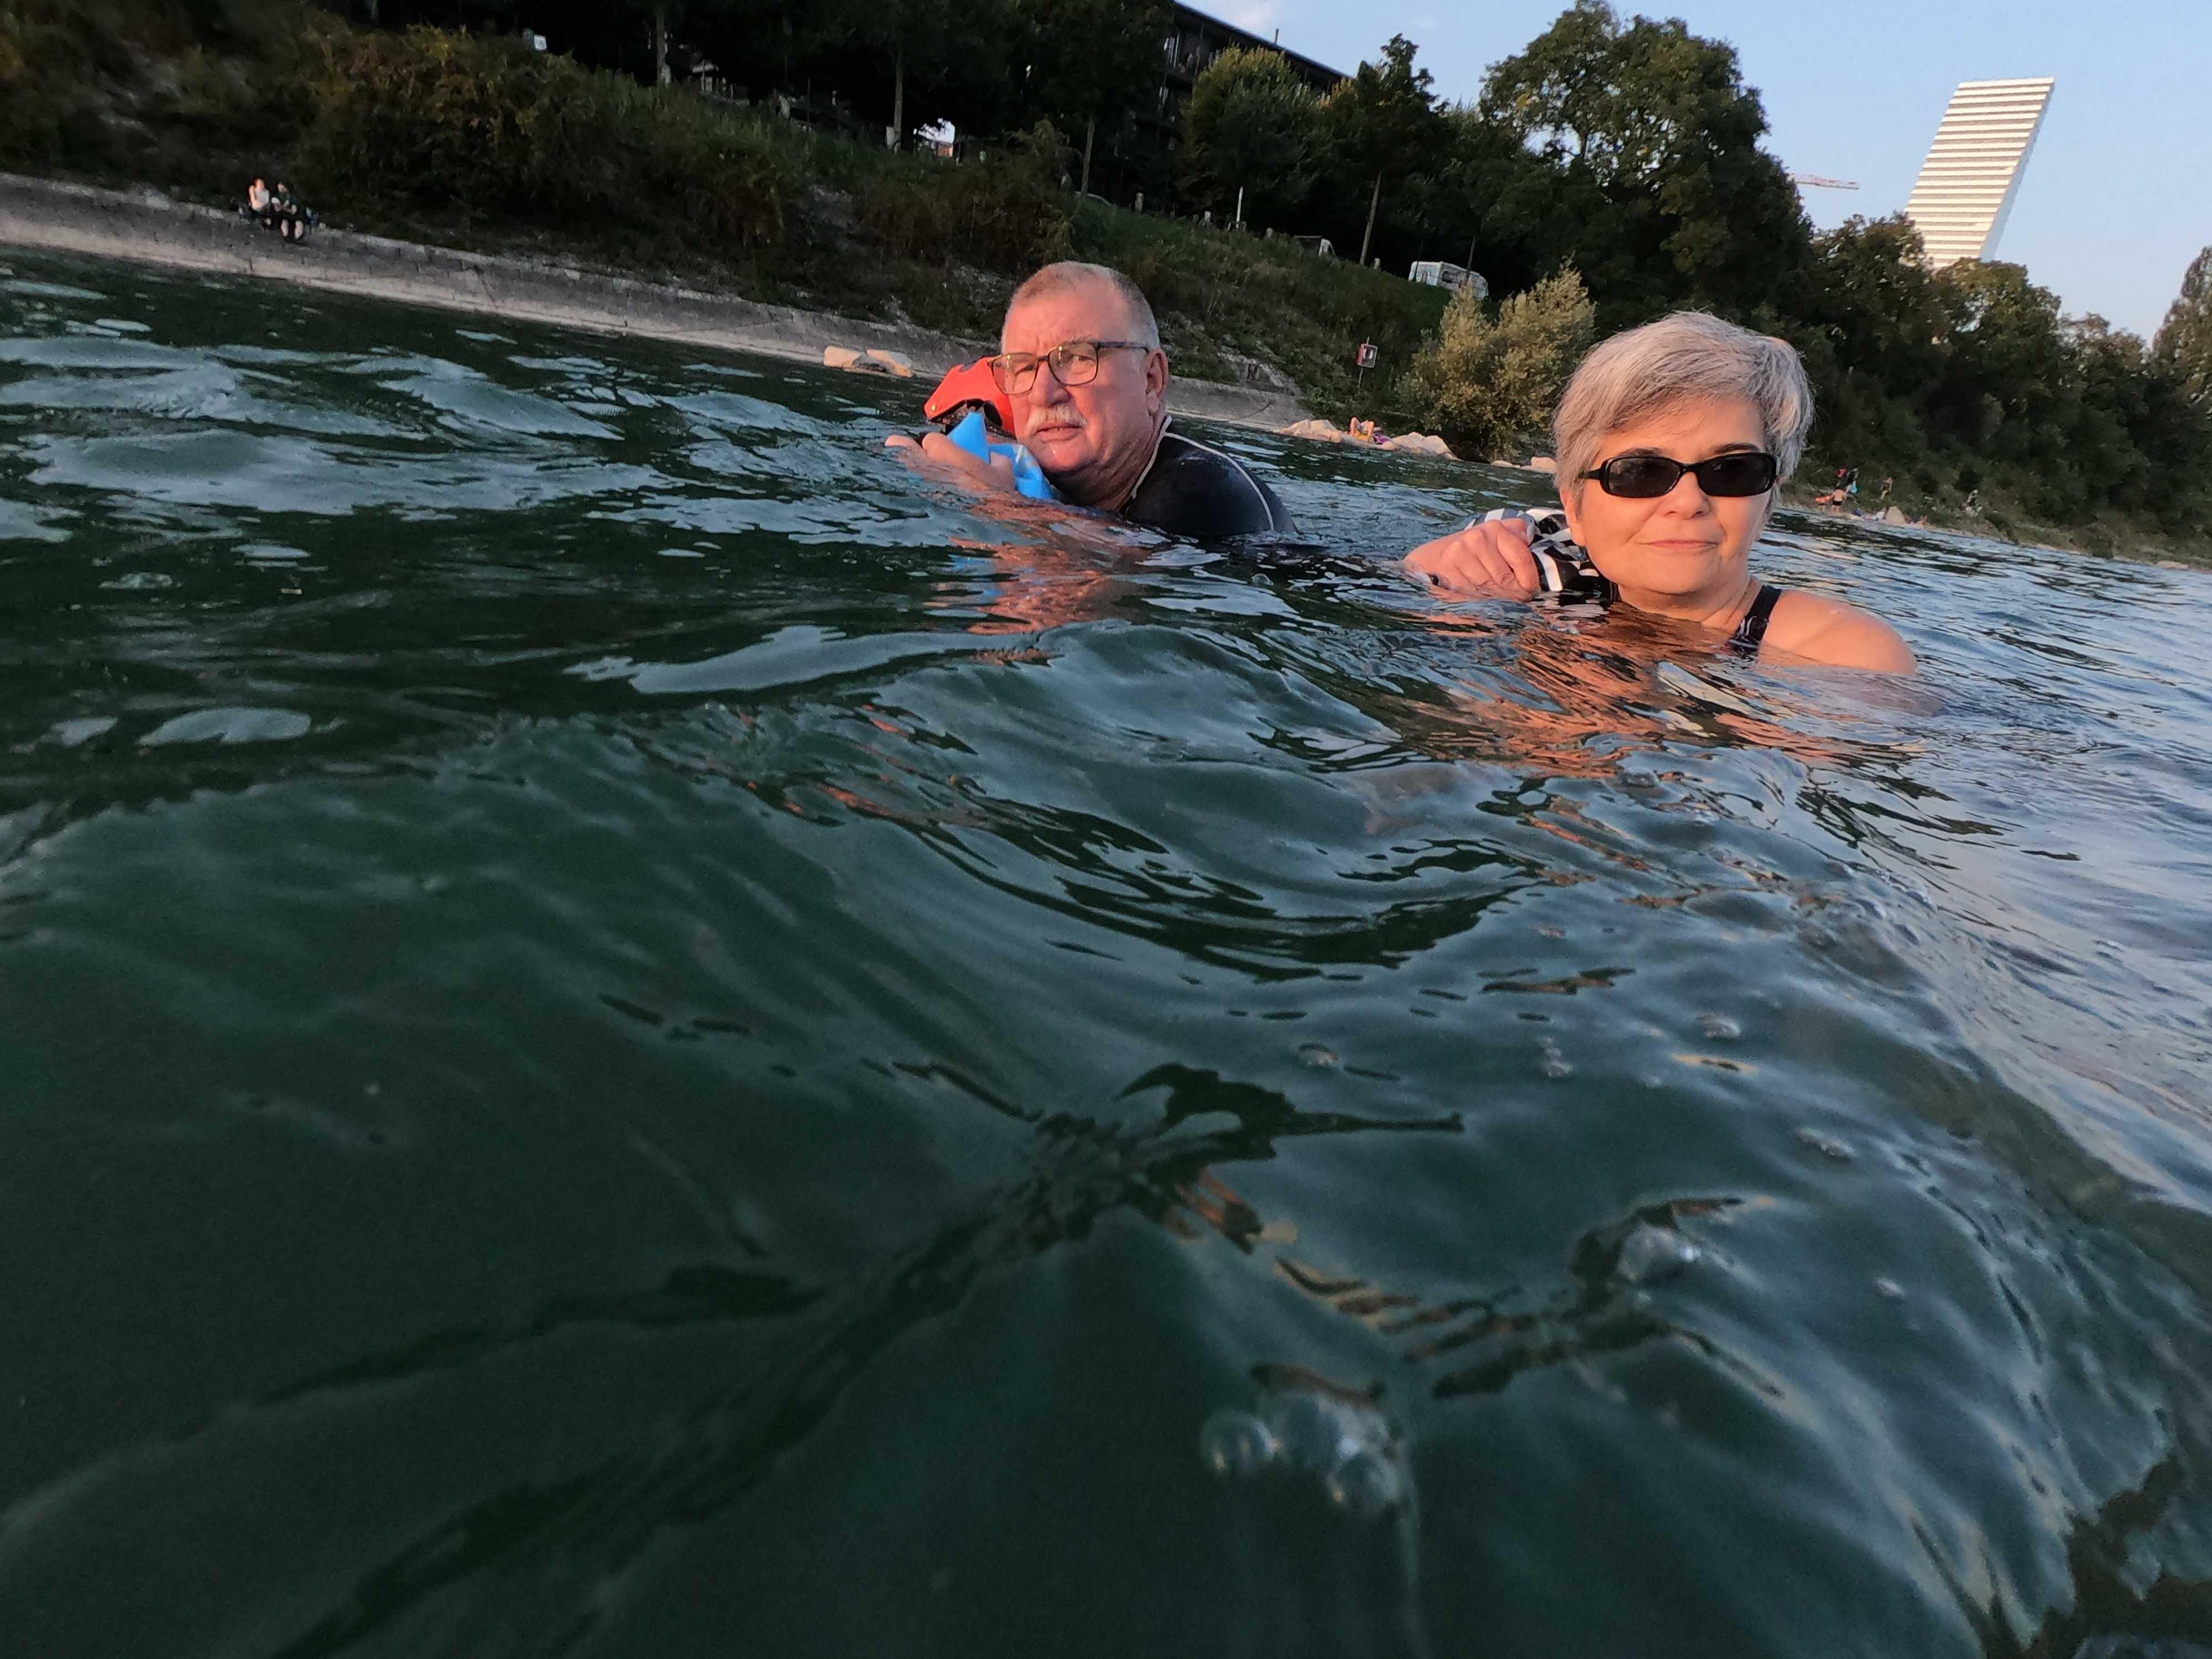 201908_CPS_Sortie RheinSchwimmen_007